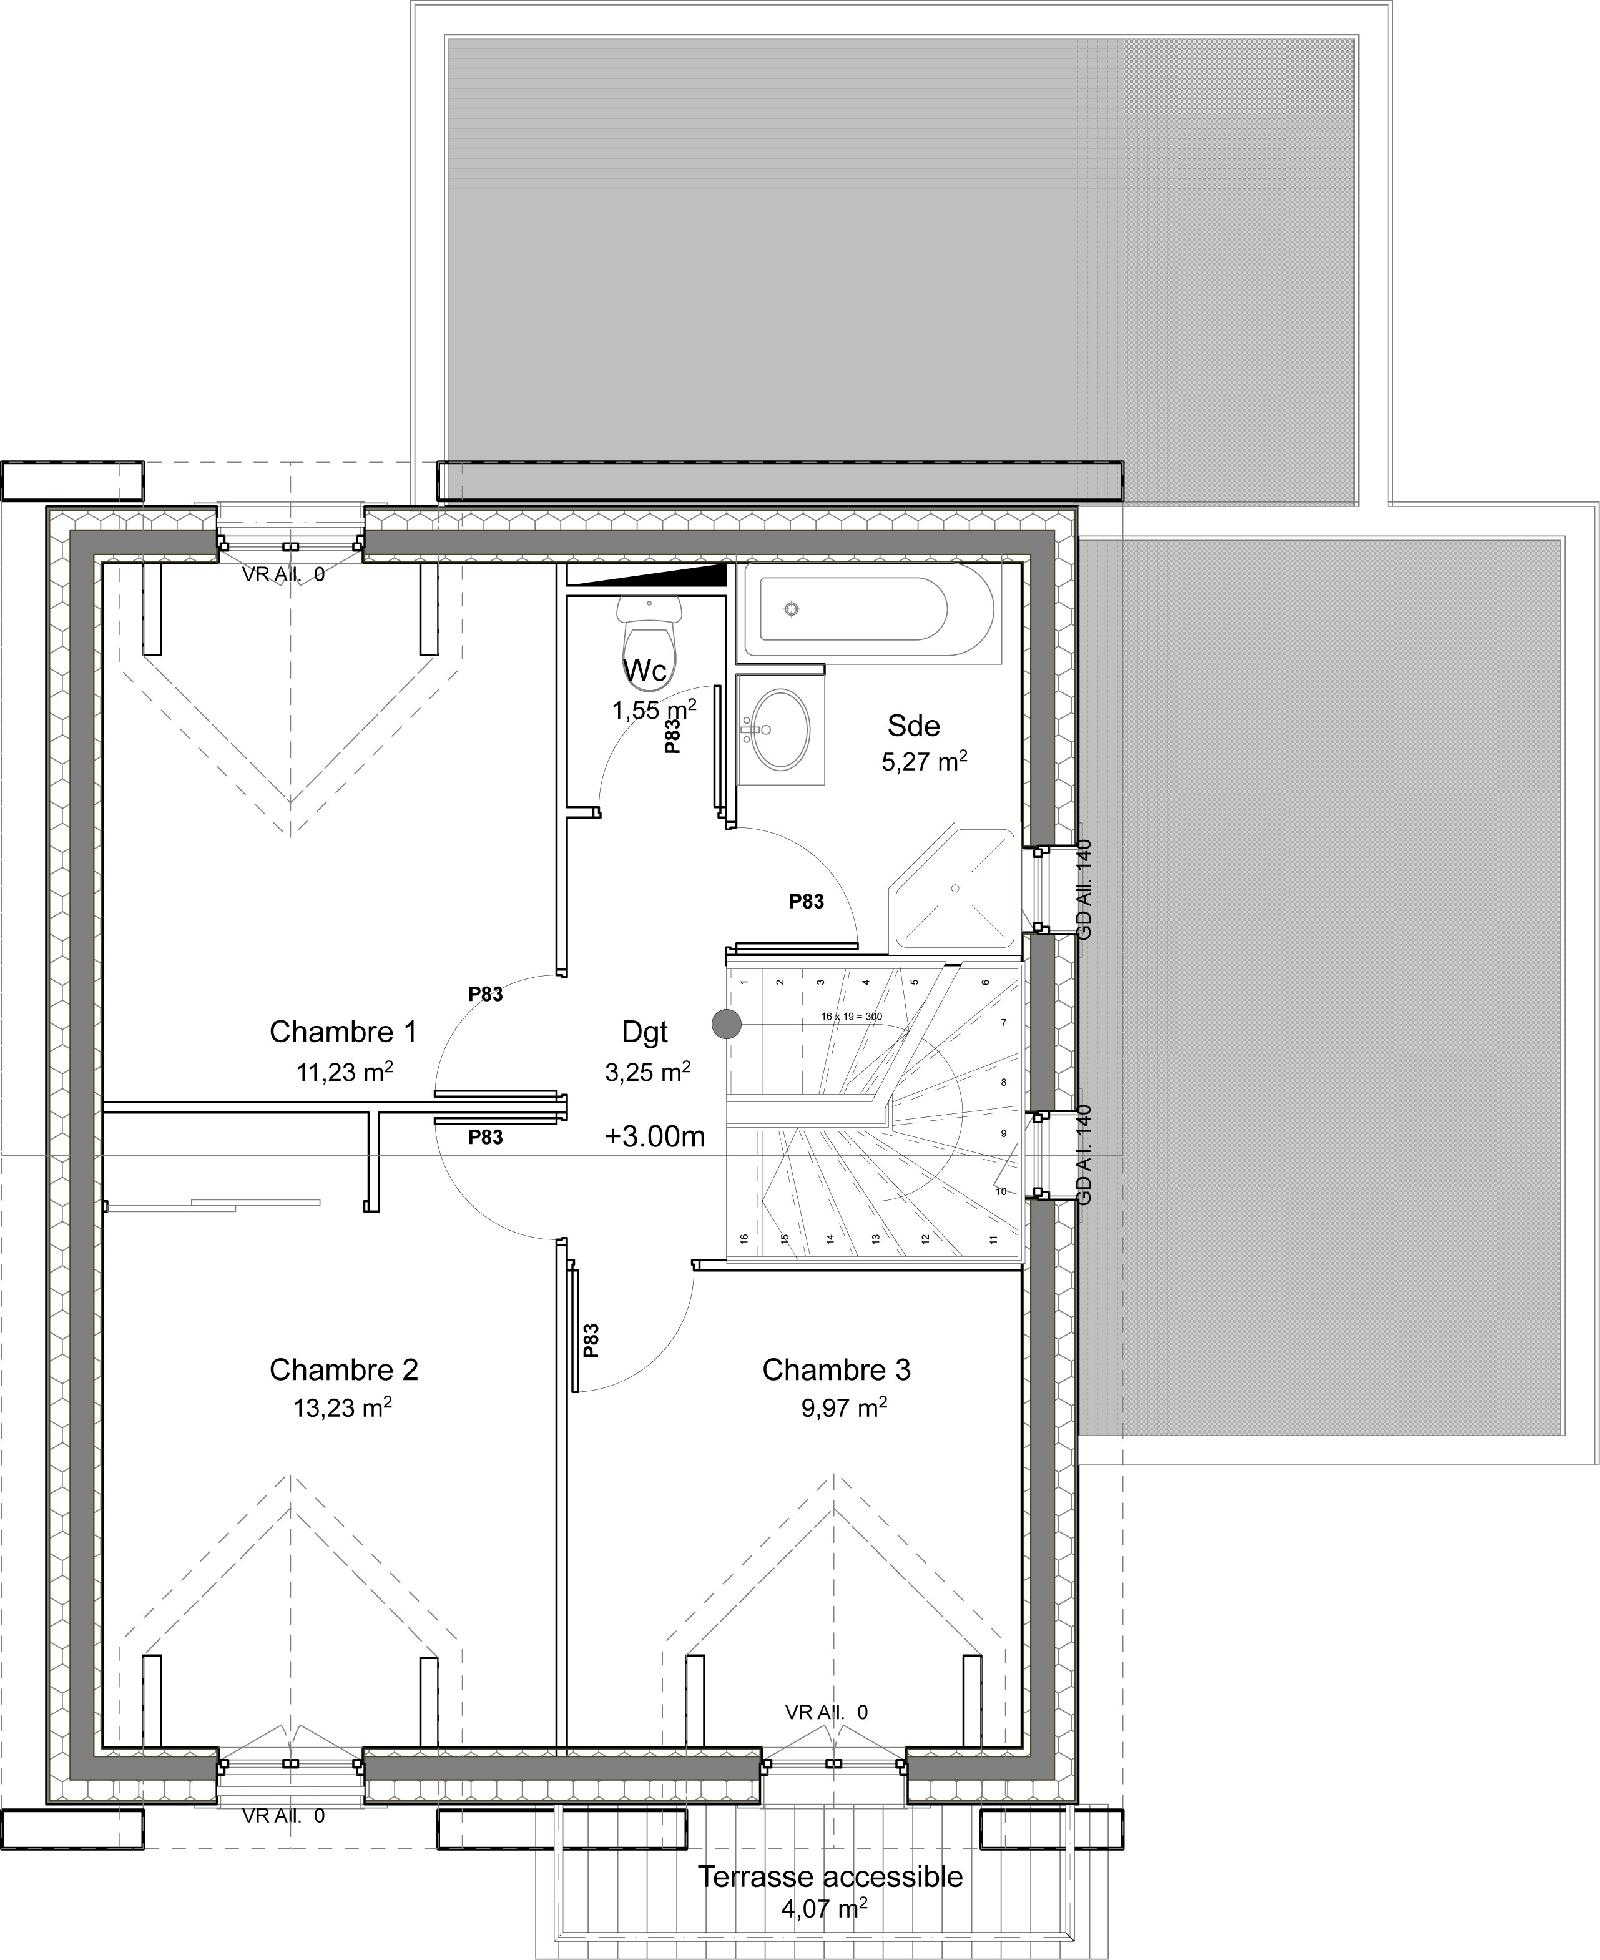 Casa de dos plantas 4 dormitorios y 109 metros cuadrados for Plano casa 3 dormitorios 1 planta